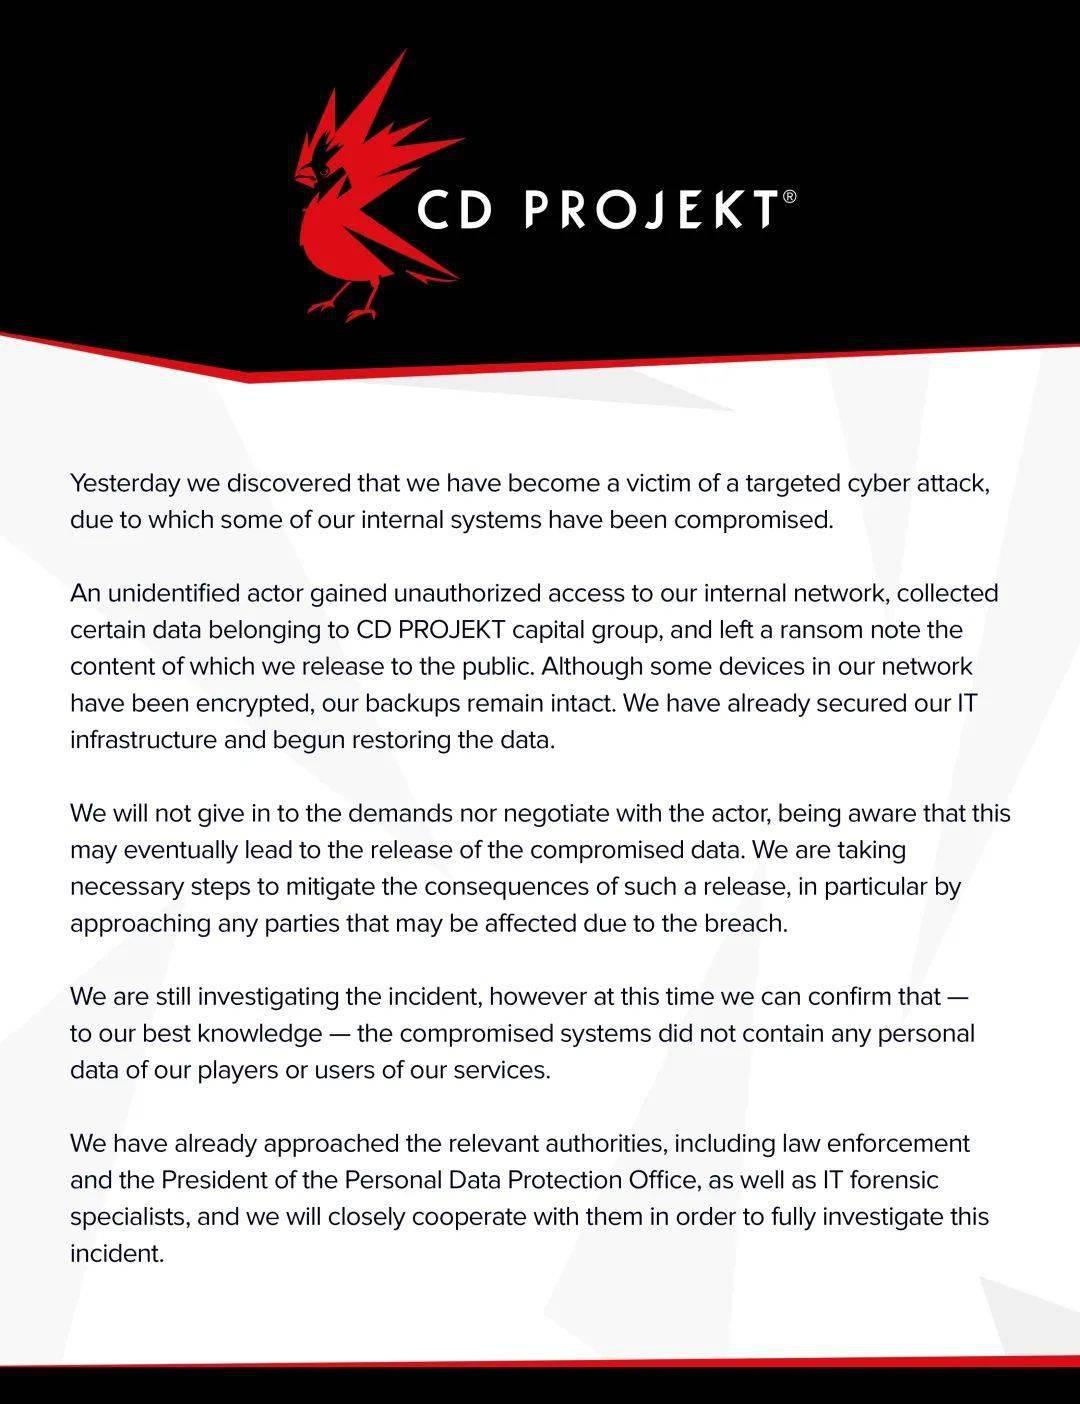 PS5手柄拆解,手柄易漂移原因揭露丨CDPR正致力于解决代码泄露事件  第3张